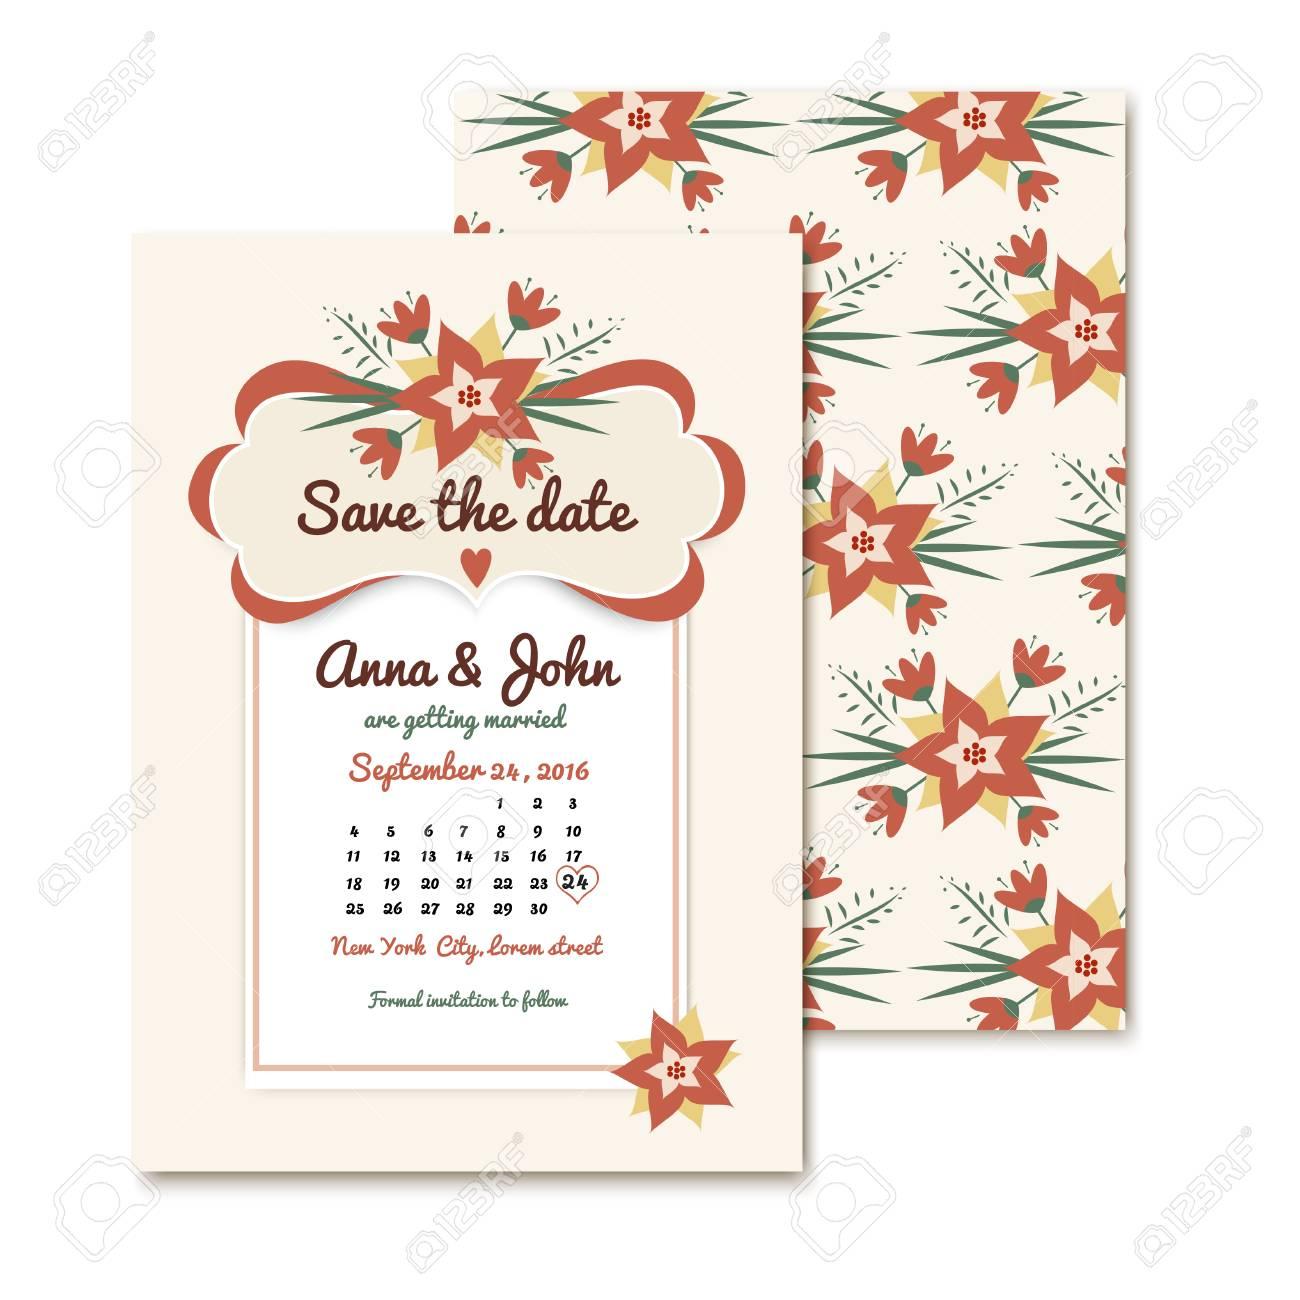 Vintage Hochzeitseinladungen Mit Blumen. Vintage-Karten Für ...